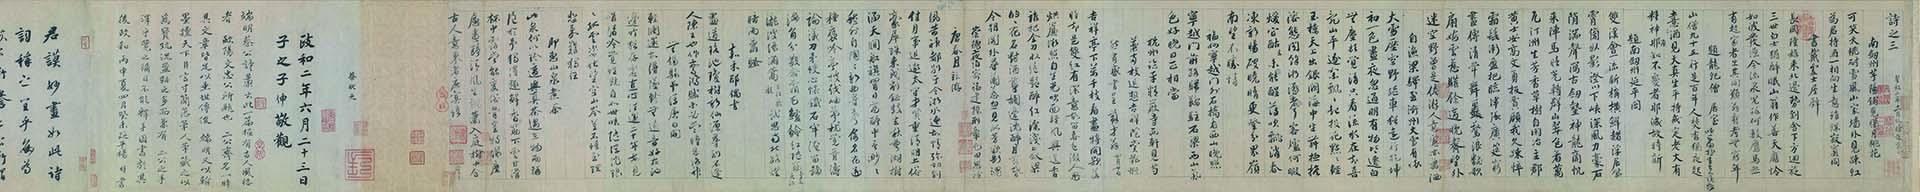 宋 蔡襄 自书诗卷纸本28.2X221.2-1北京故宫